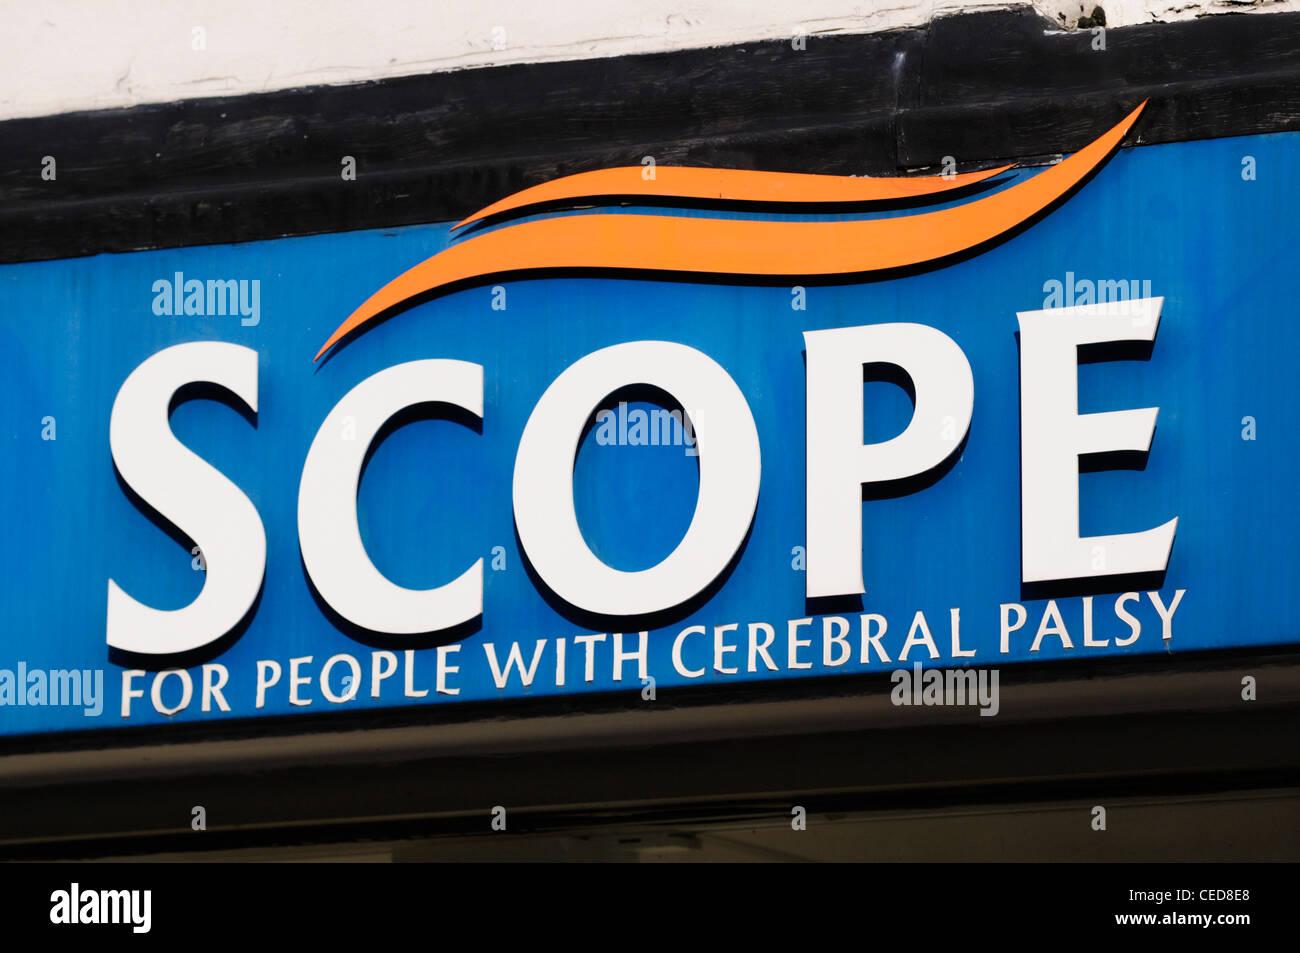 Scope Cerebral Palsy Charity Shop Sign Logo, Cambridge, England, UK - Stock Image